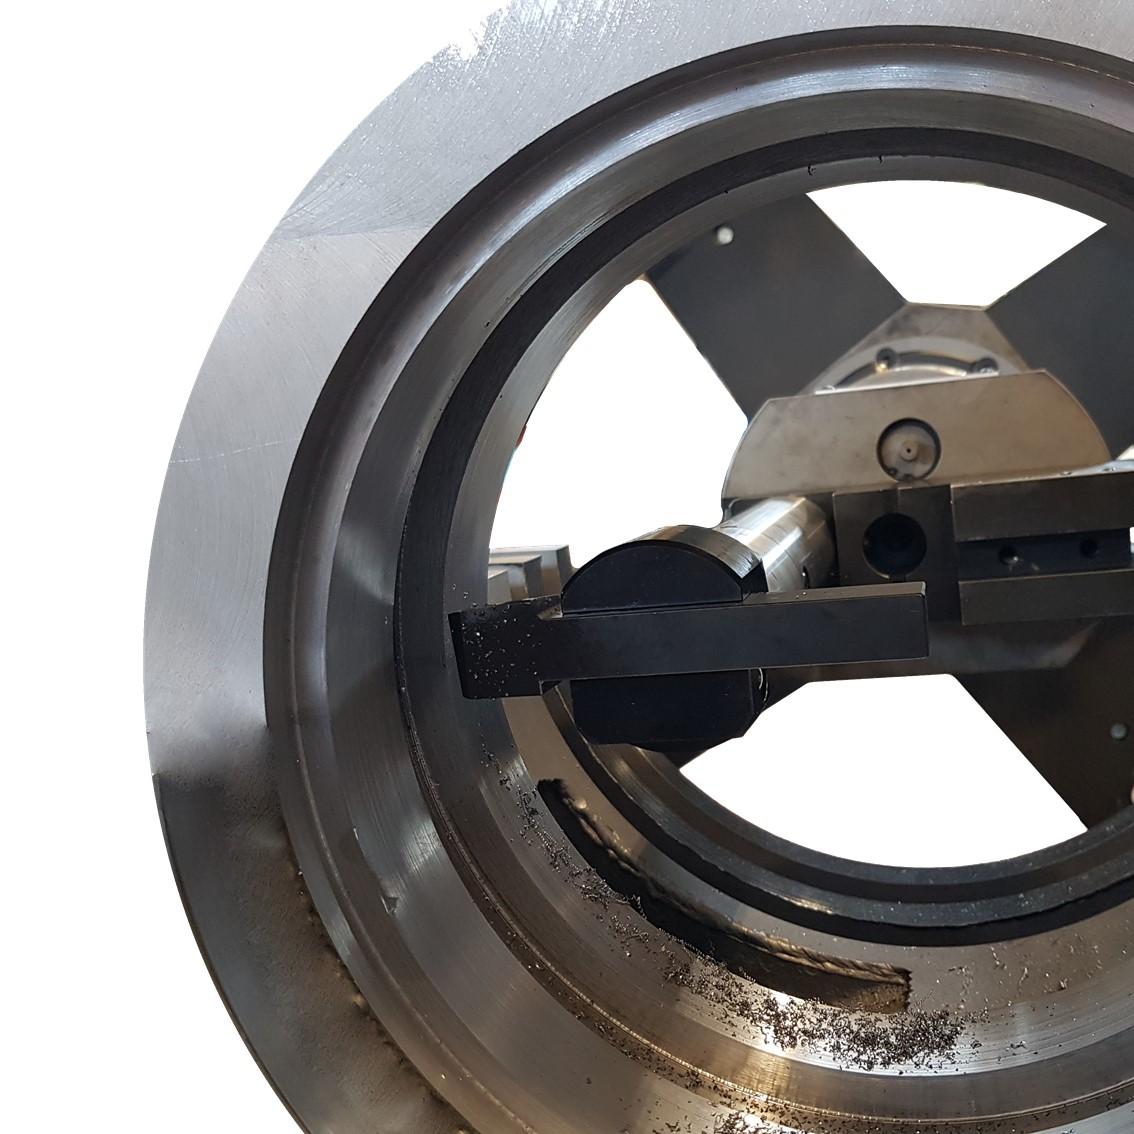 Servizio di Ripristino della Geometria di Superfici Metalliche Cilindriche